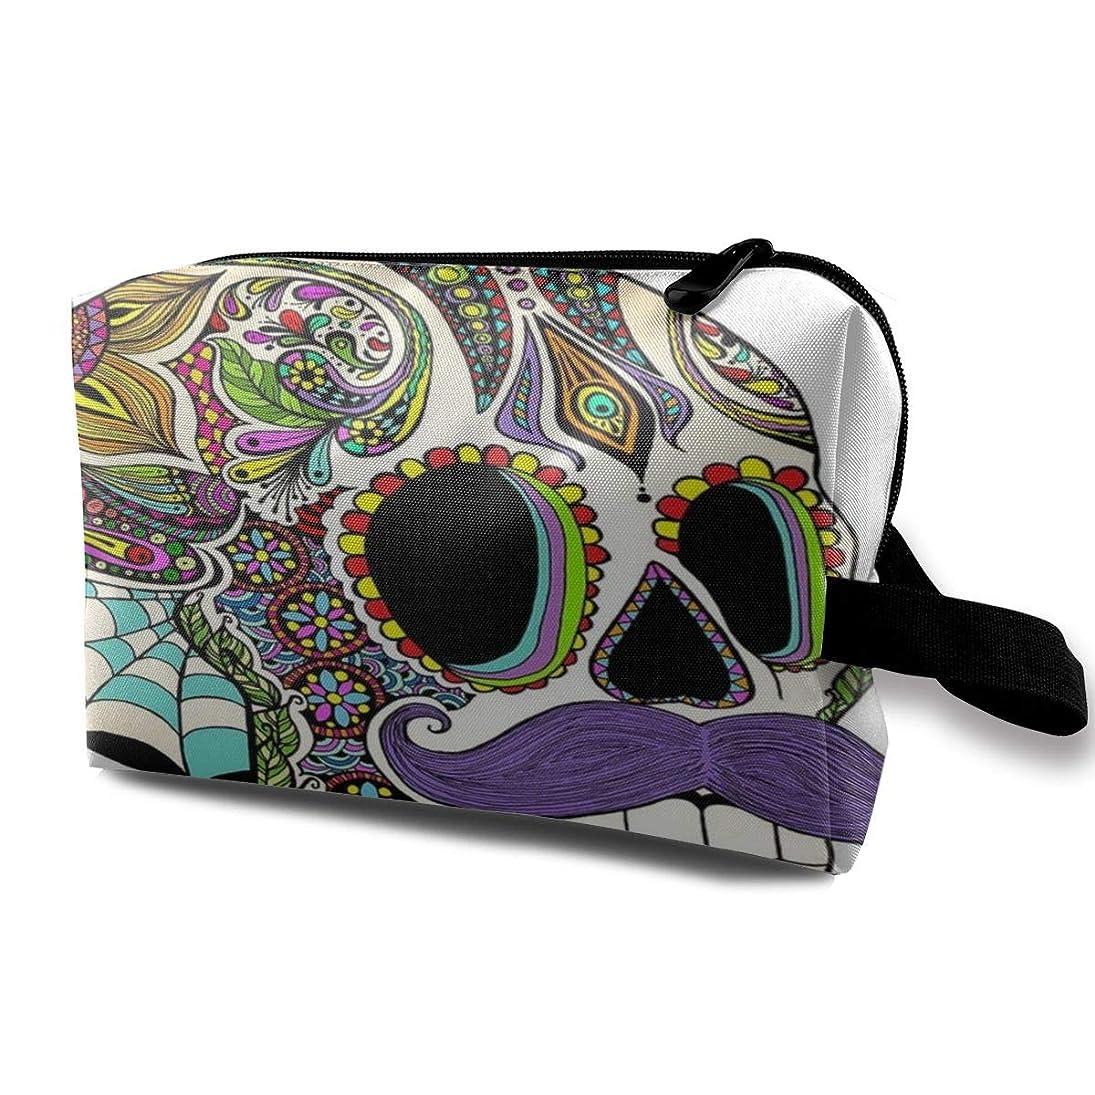 荒野うるさい手数料Colorful Aztec Skull Sugar Skull 収納ポーチ 化粧ポーチ 大容量 軽量 耐久性 ハンドル付持ち運び便利。入れ 自宅?出張?旅行?アウトドア撮影などに対応。メンズ レディース トラベルグッズ